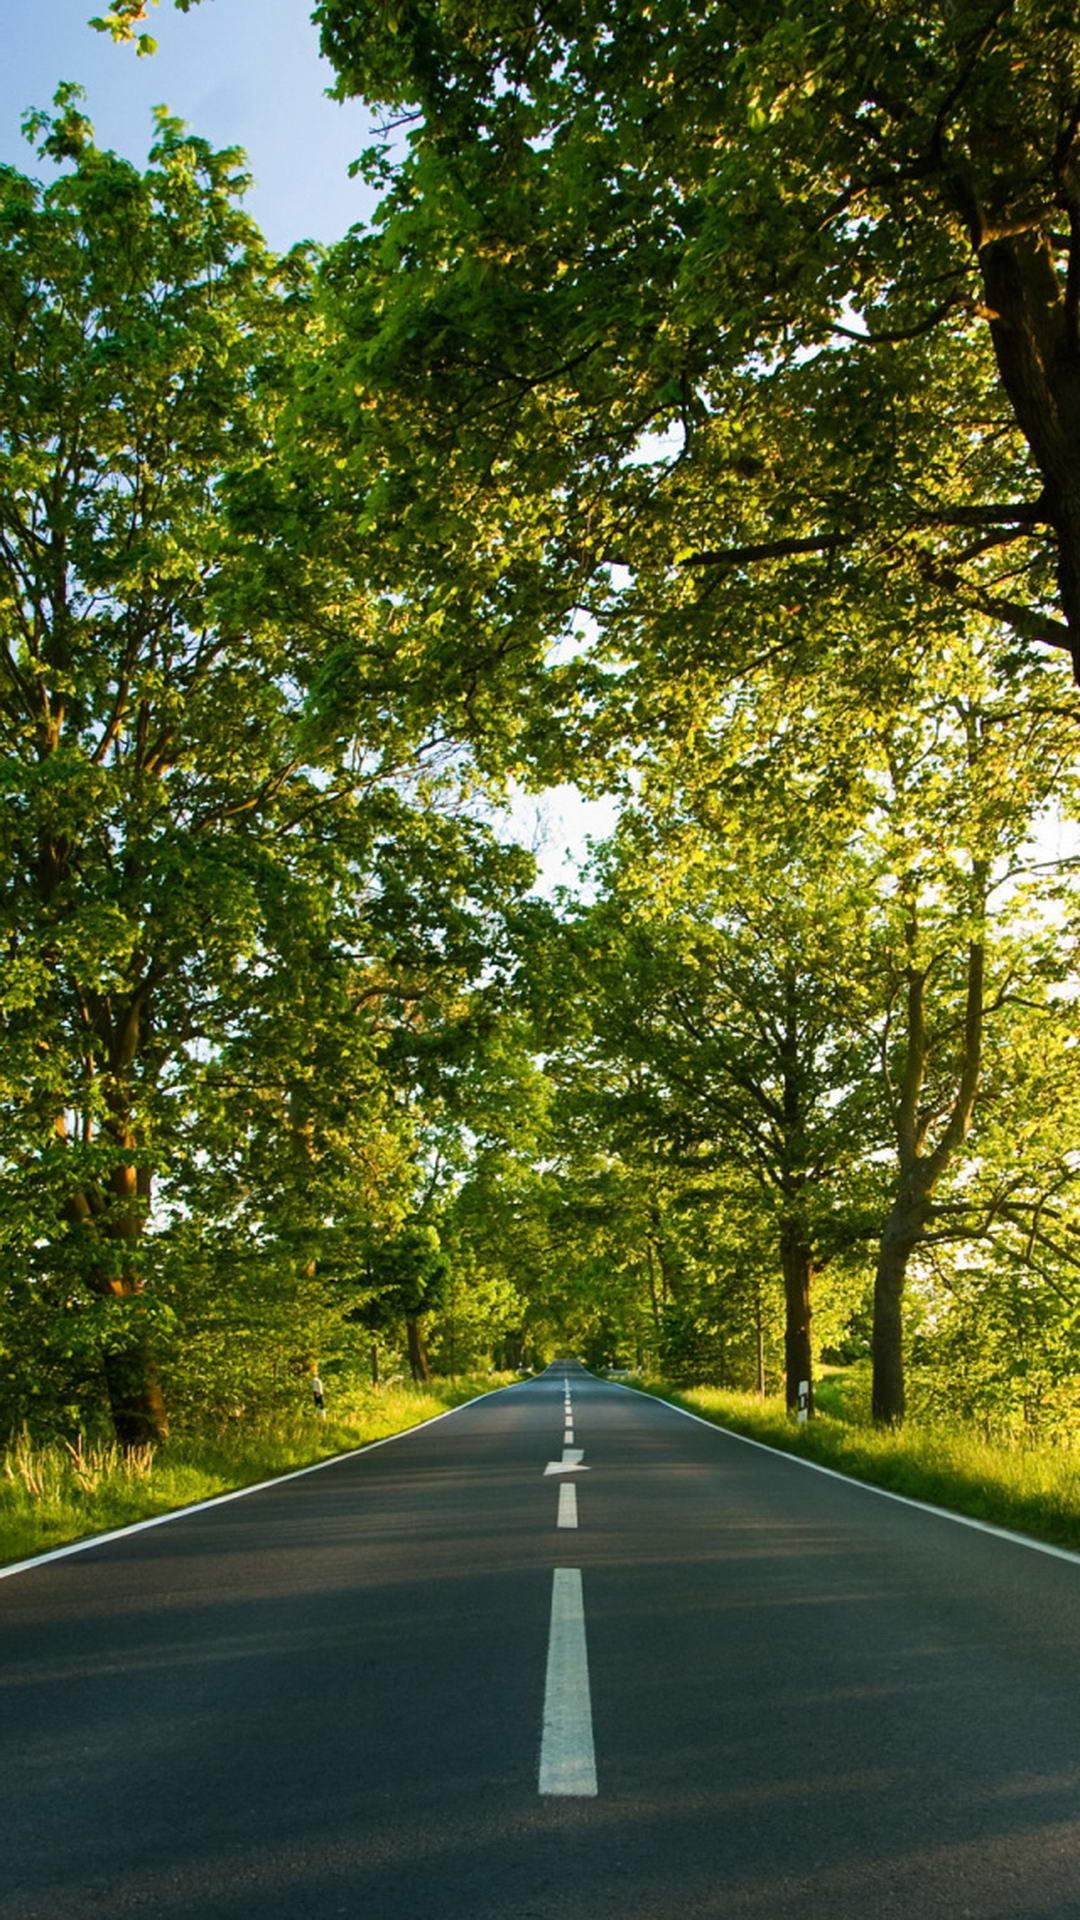 Summer Road Trees